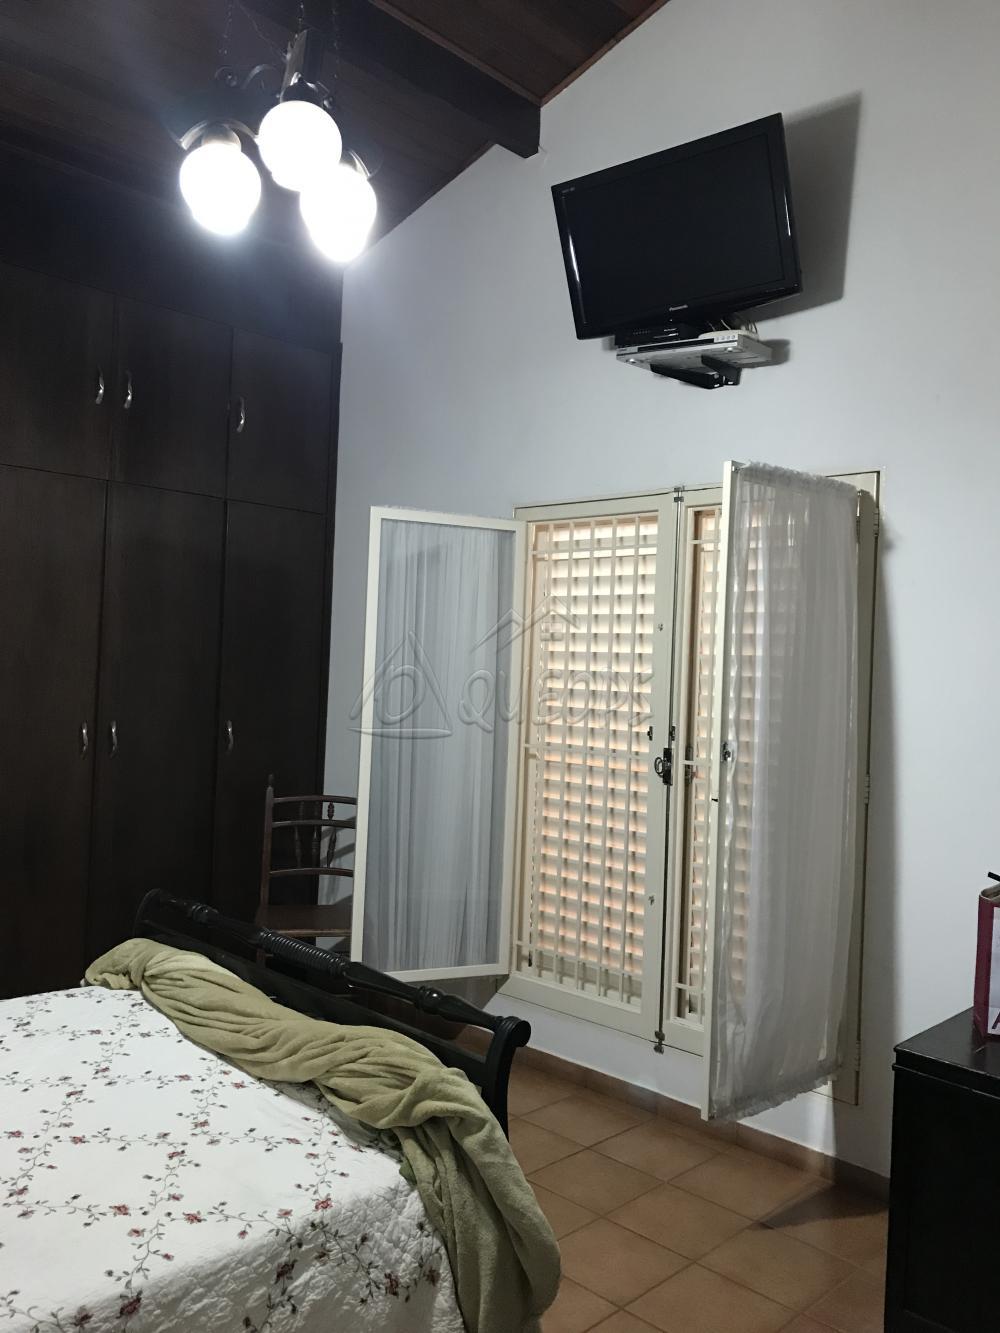 Comprar Casa / Padrão em Barretos R$ 490.000,00 - Foto 19